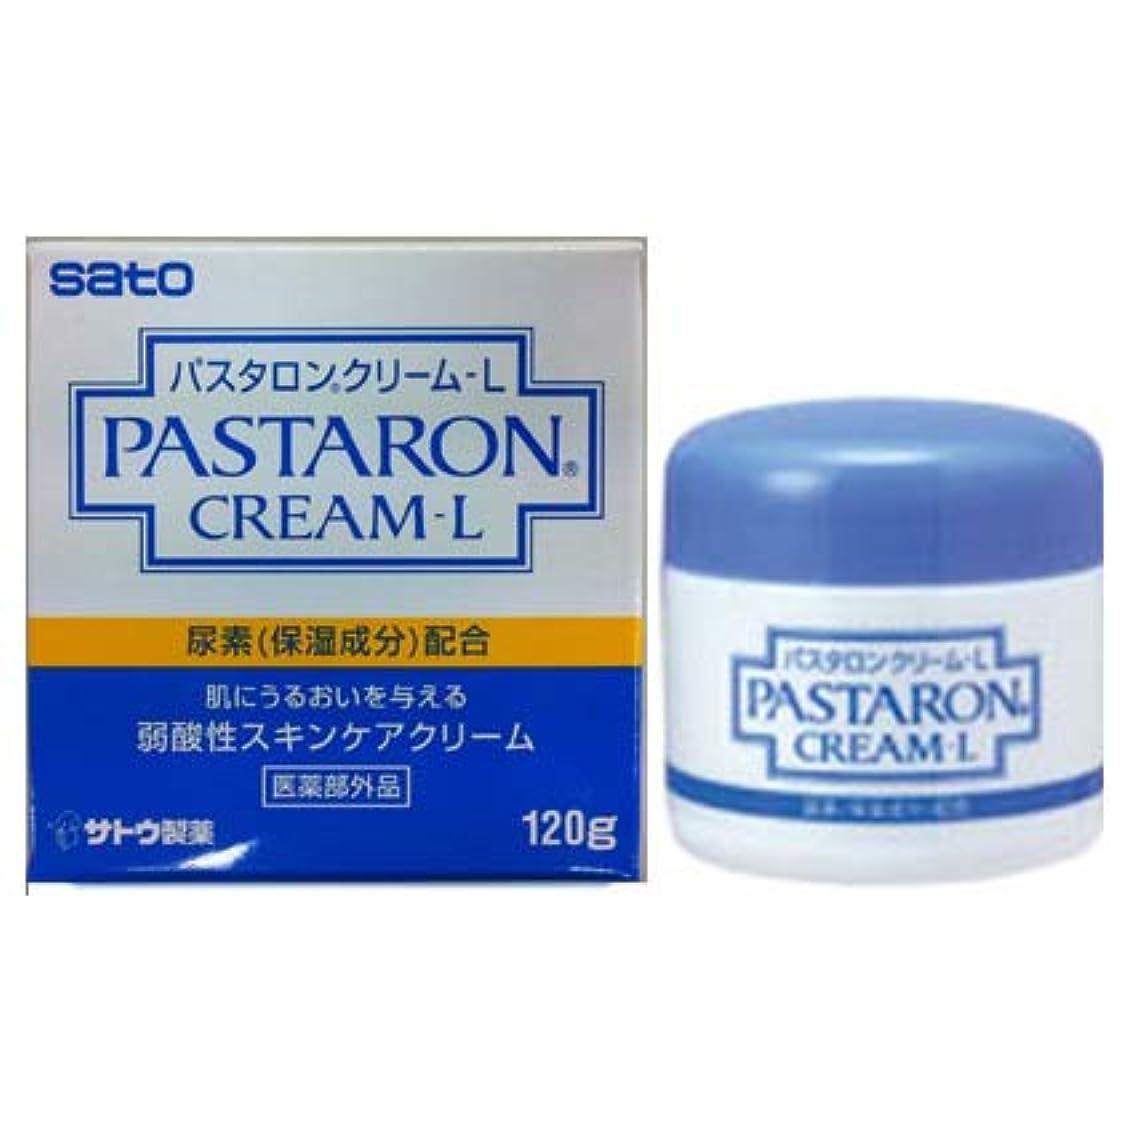 老人革新女の子パスタロンクリームL 120g×10個セット【医薬部外品】